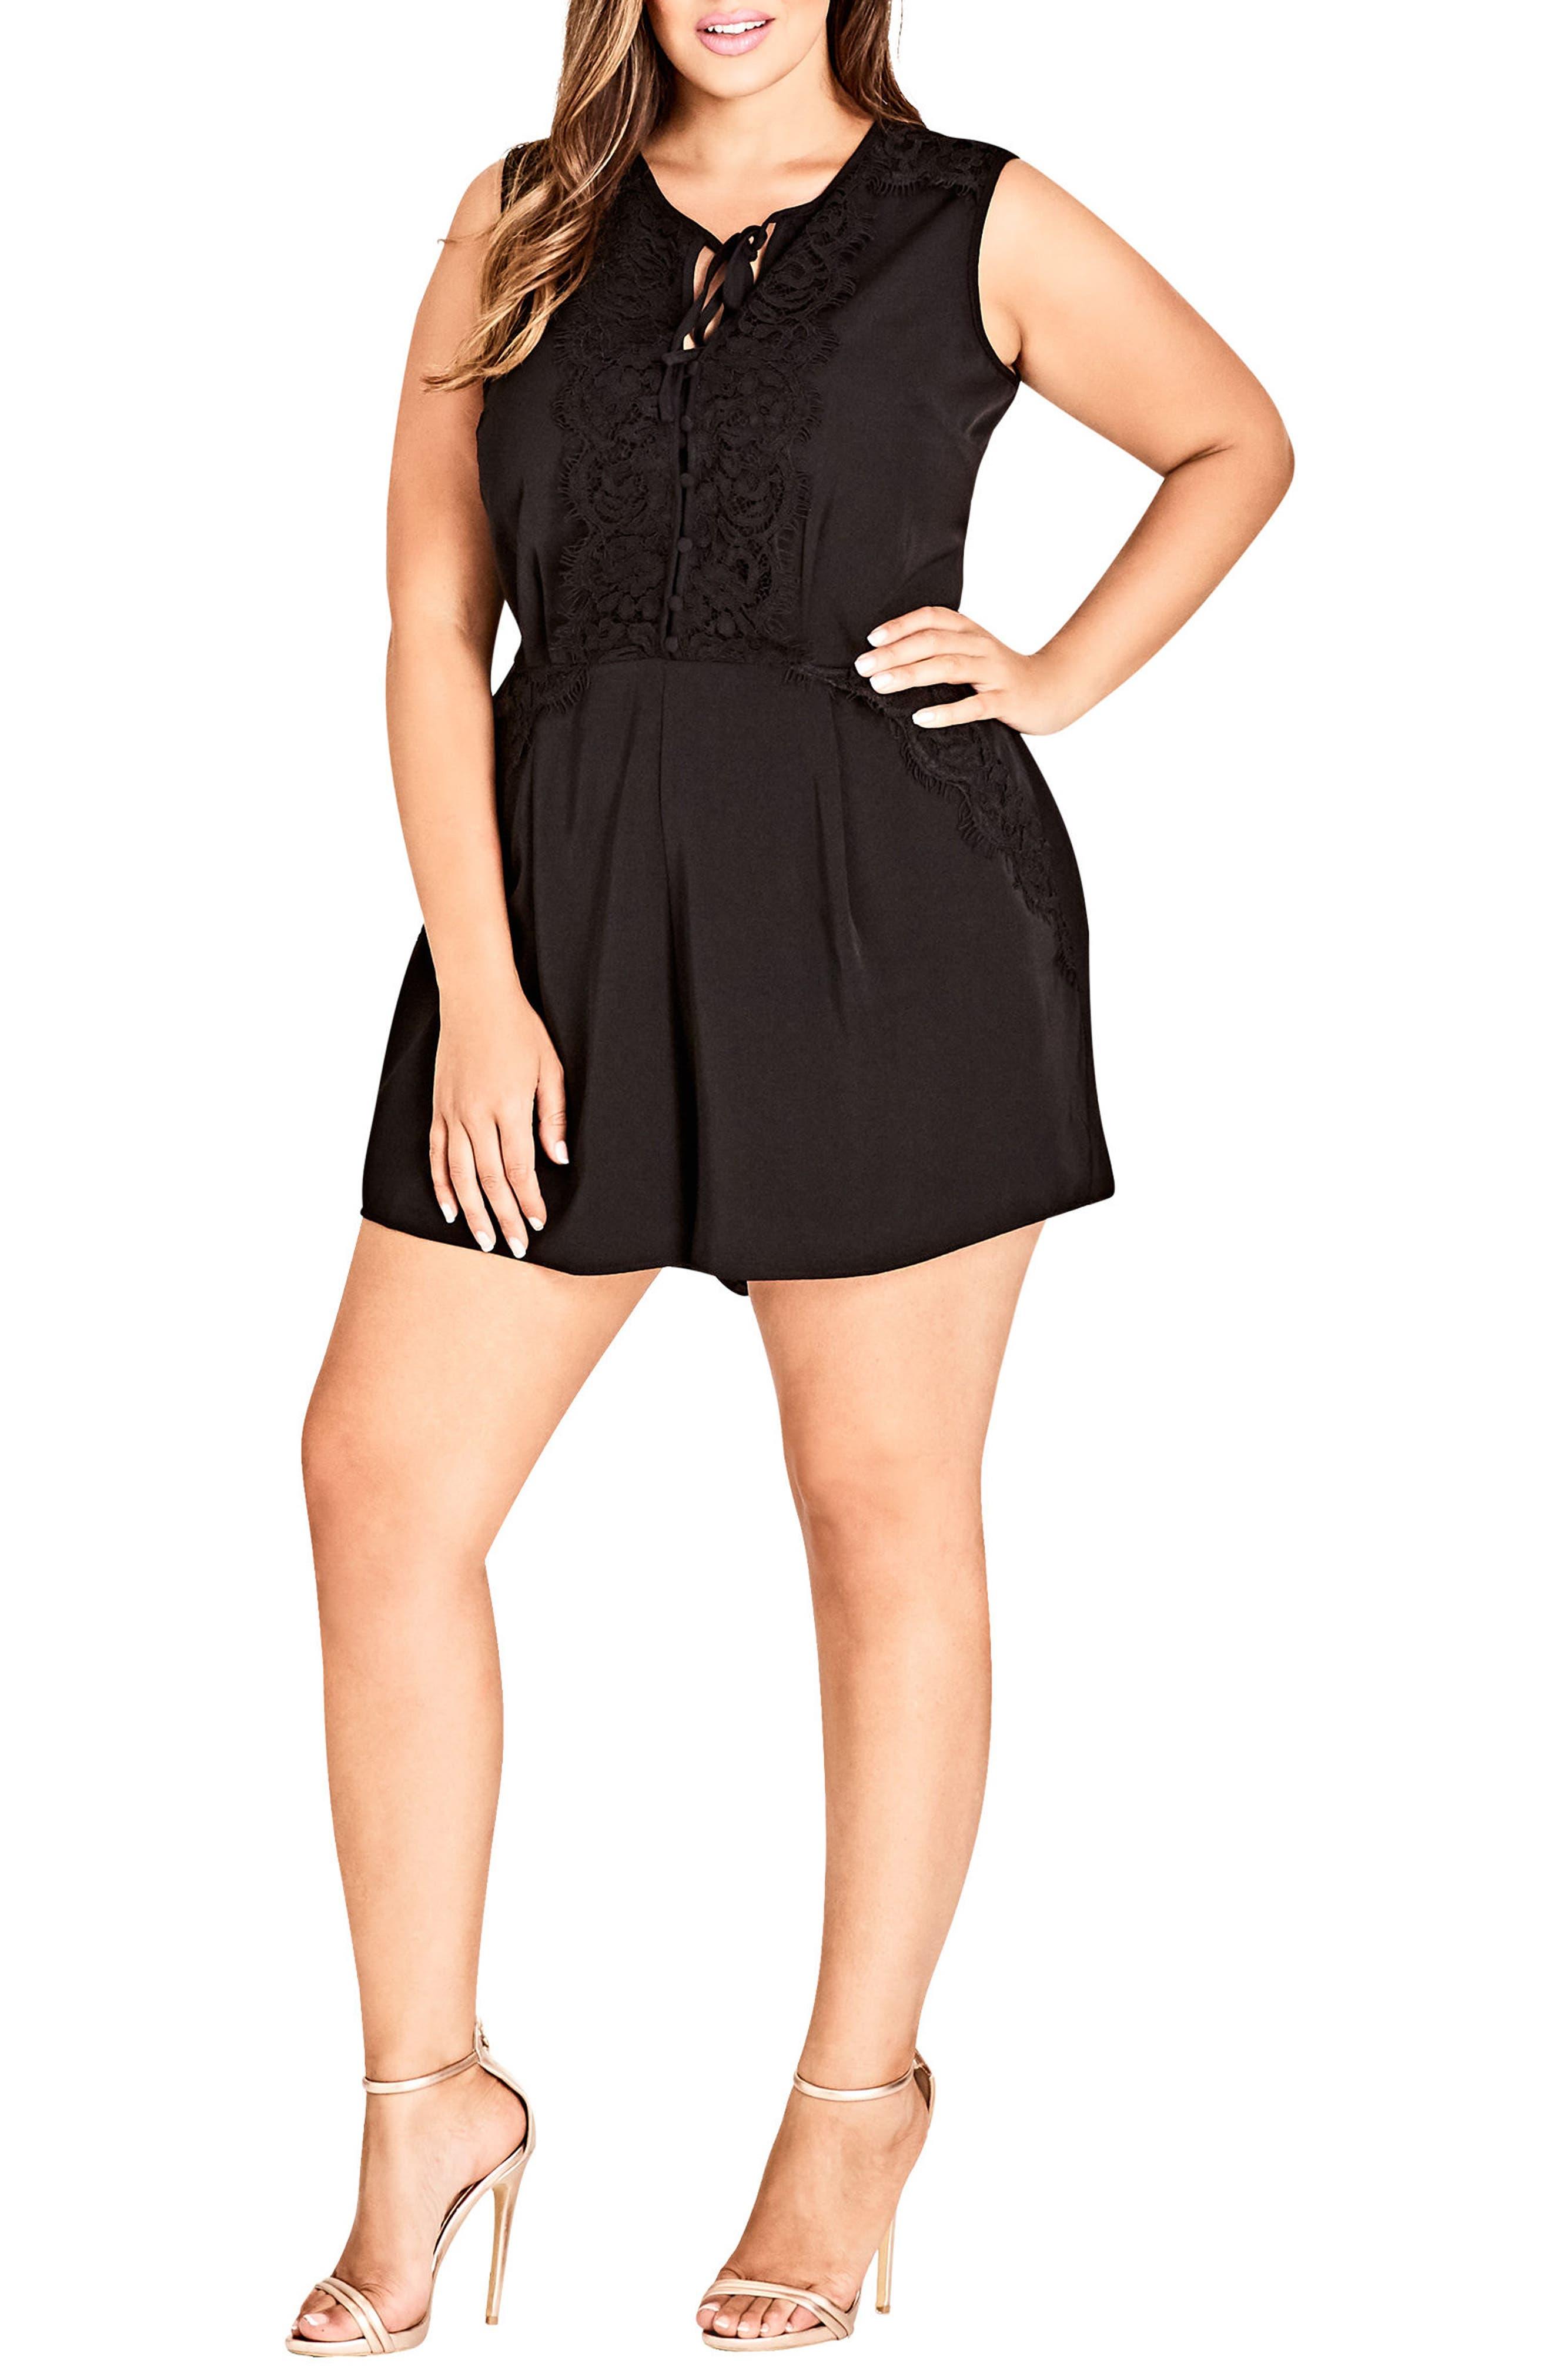 Lace Dream Playsuit,                         Main,                         color, Black